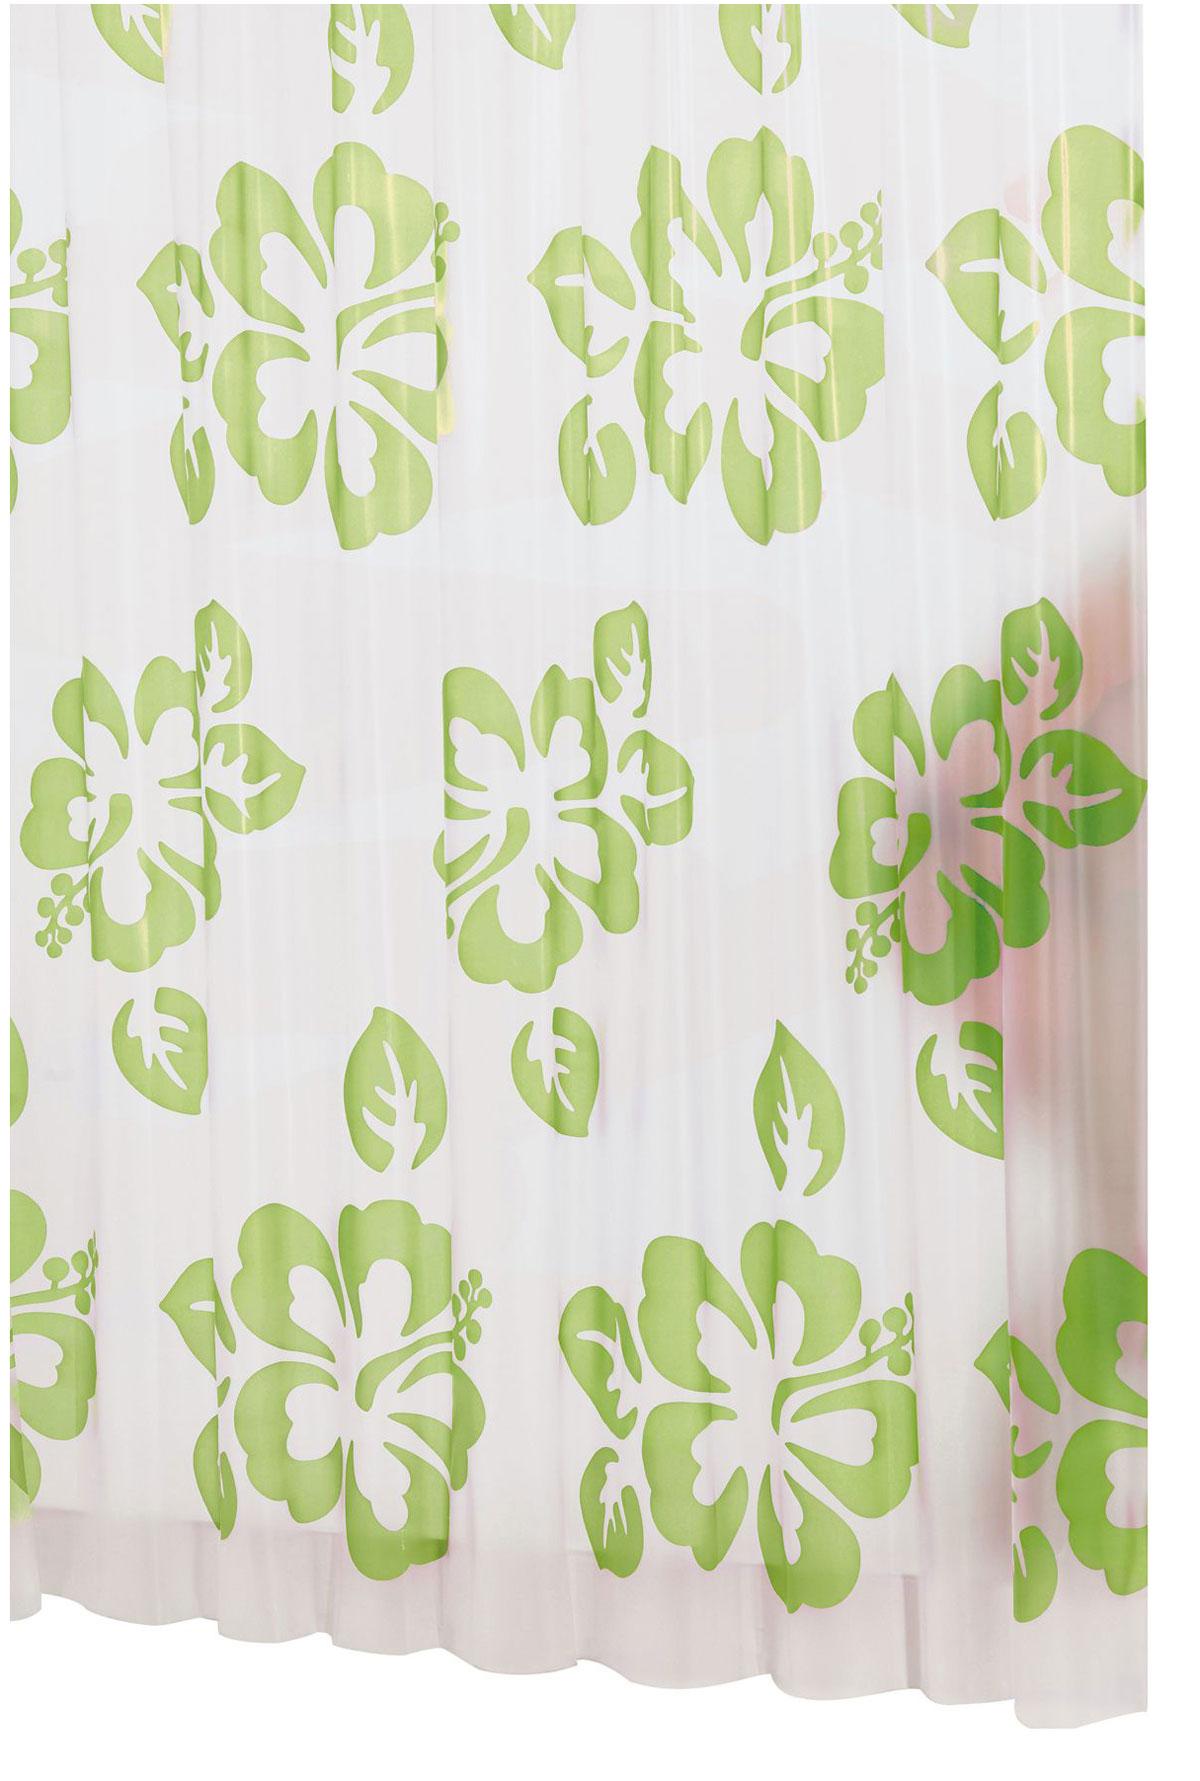 Штора для ванной комнаты Ridder Flowerpower, цвет: зеленый, 180 х 200 смшв_11984Высококачественная немецкая штора для душа создает прекрасное настроение.Продукты из эколена не имеют запаха и считаются экологически чистыми.Ручная стирка. Не гладить.